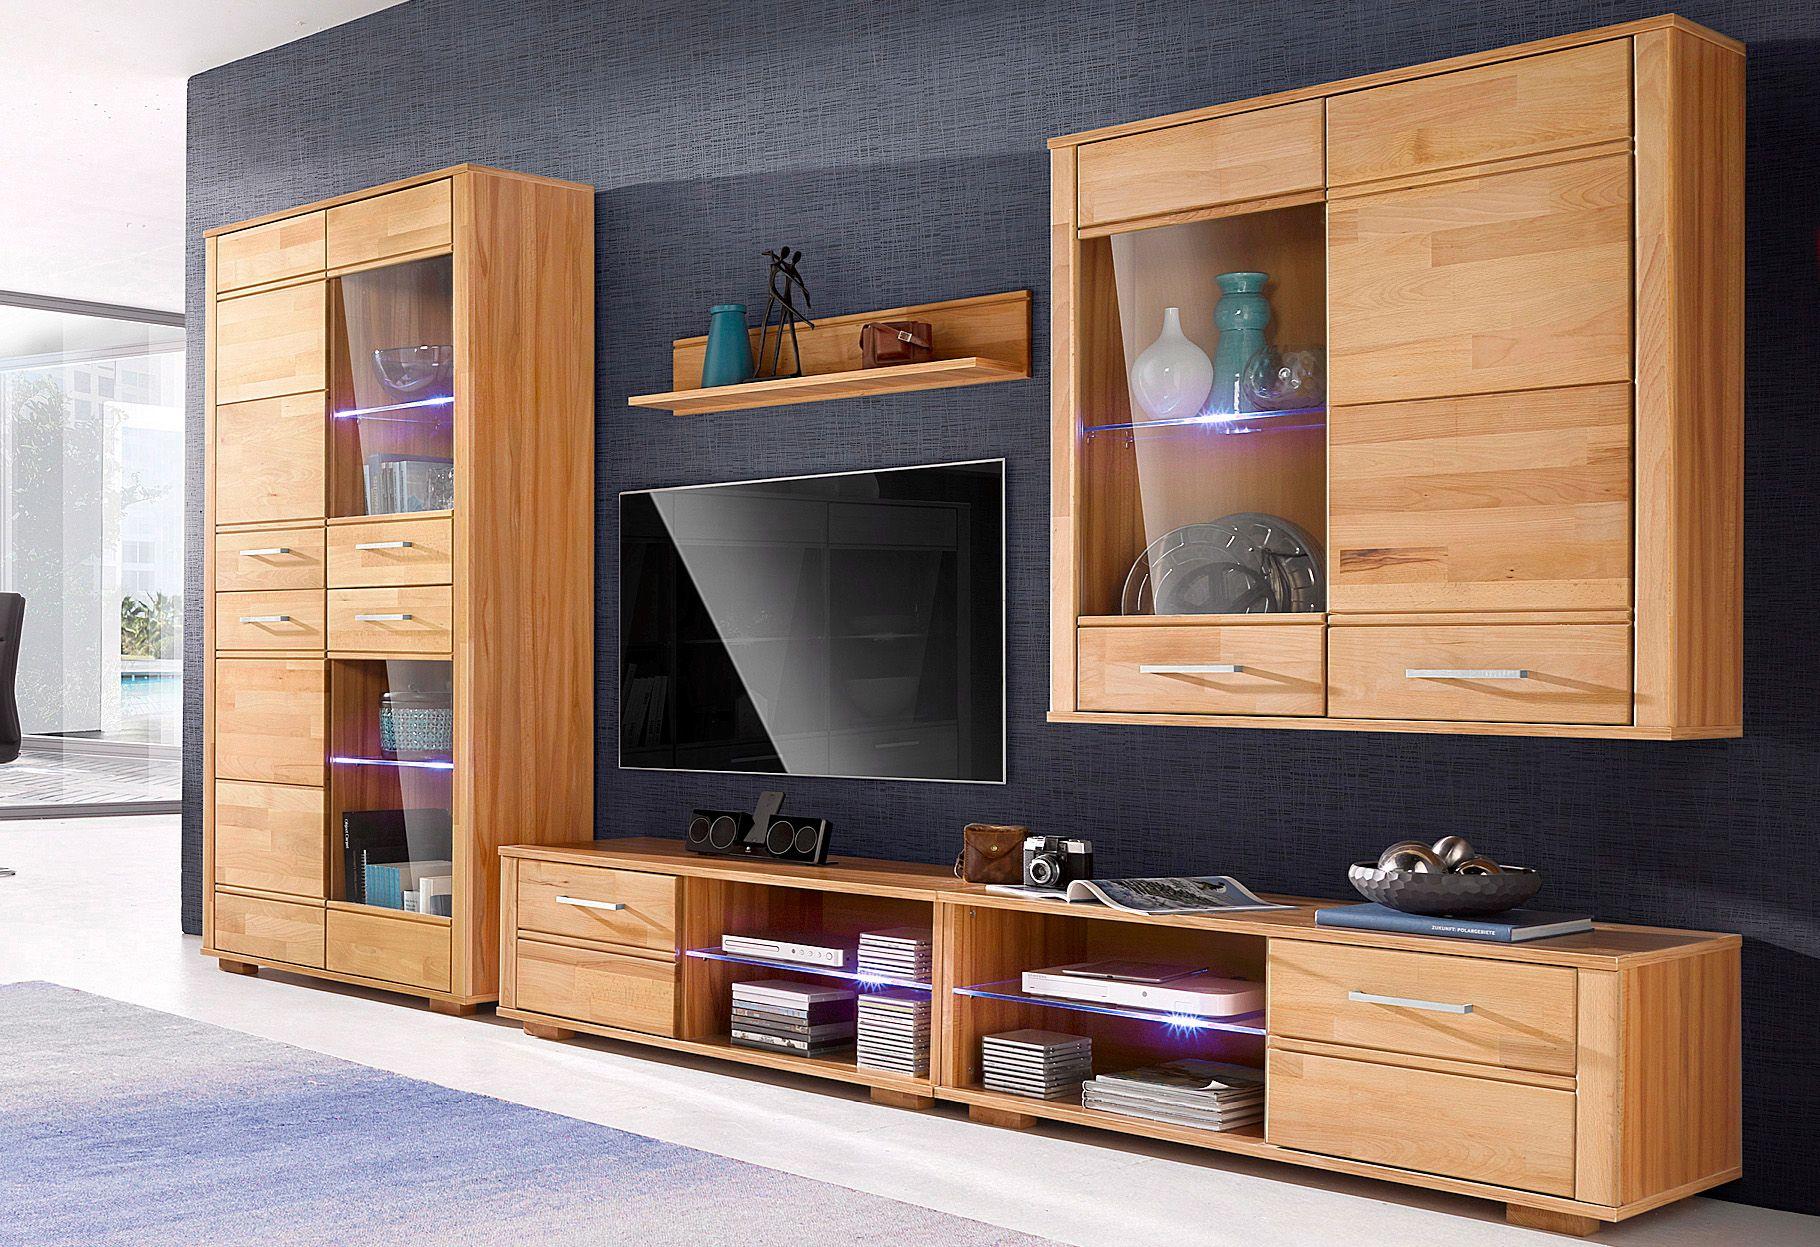 Wohnwand 5 tlg schwab versand wohnm bel for Wohnwand mit aufbauservice